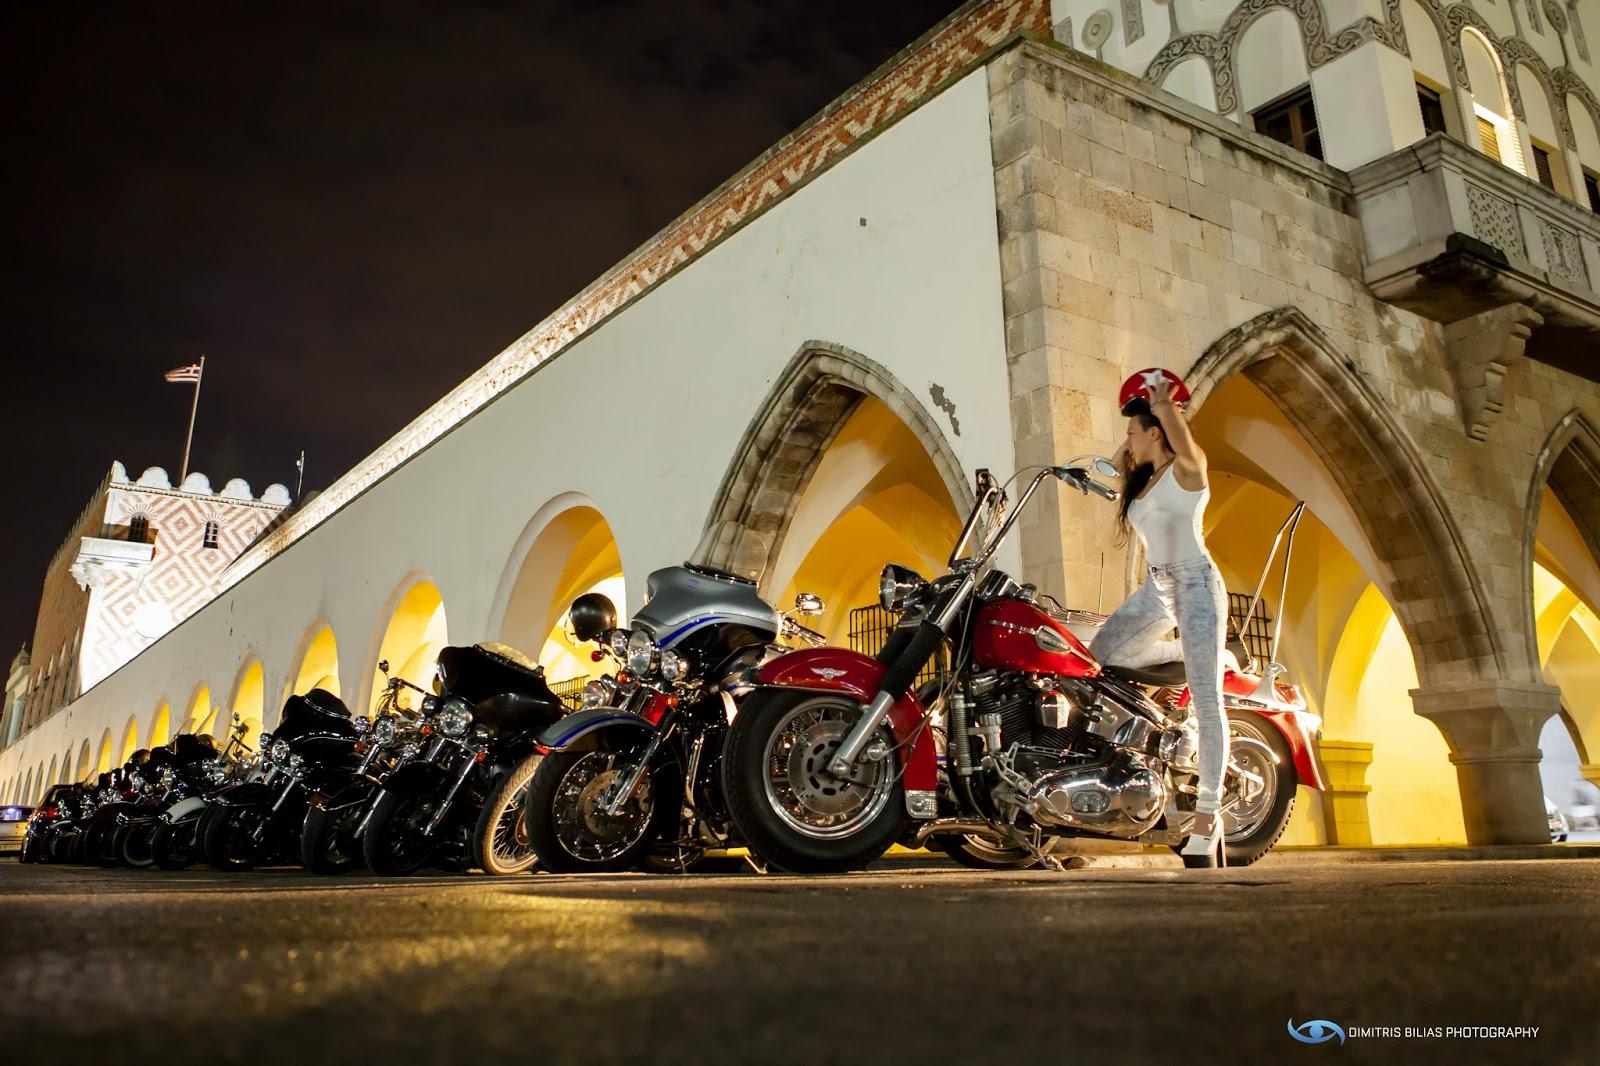 Εντυπωσιακά έκλεισε ο Μάιος για τη σμαραγδένια Ρόδο, που υποδέχθηκε άψογα τους «ιππότες» με τις Harley-Davidson